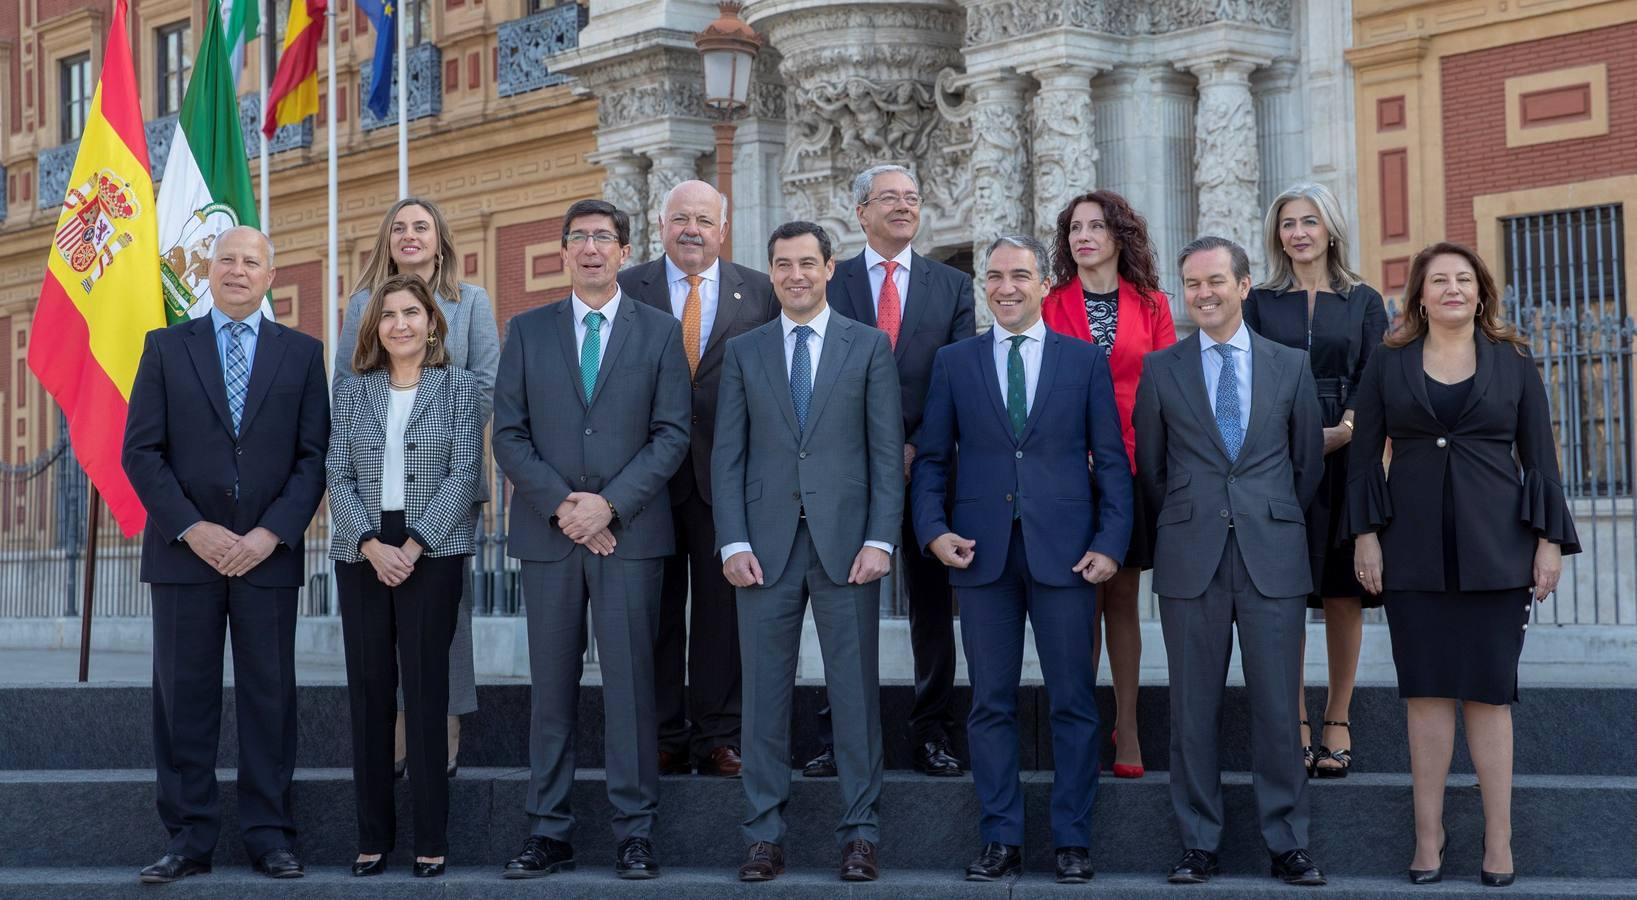 Toma de posesión de los nuevos consejeros de la Junta de Andalucía